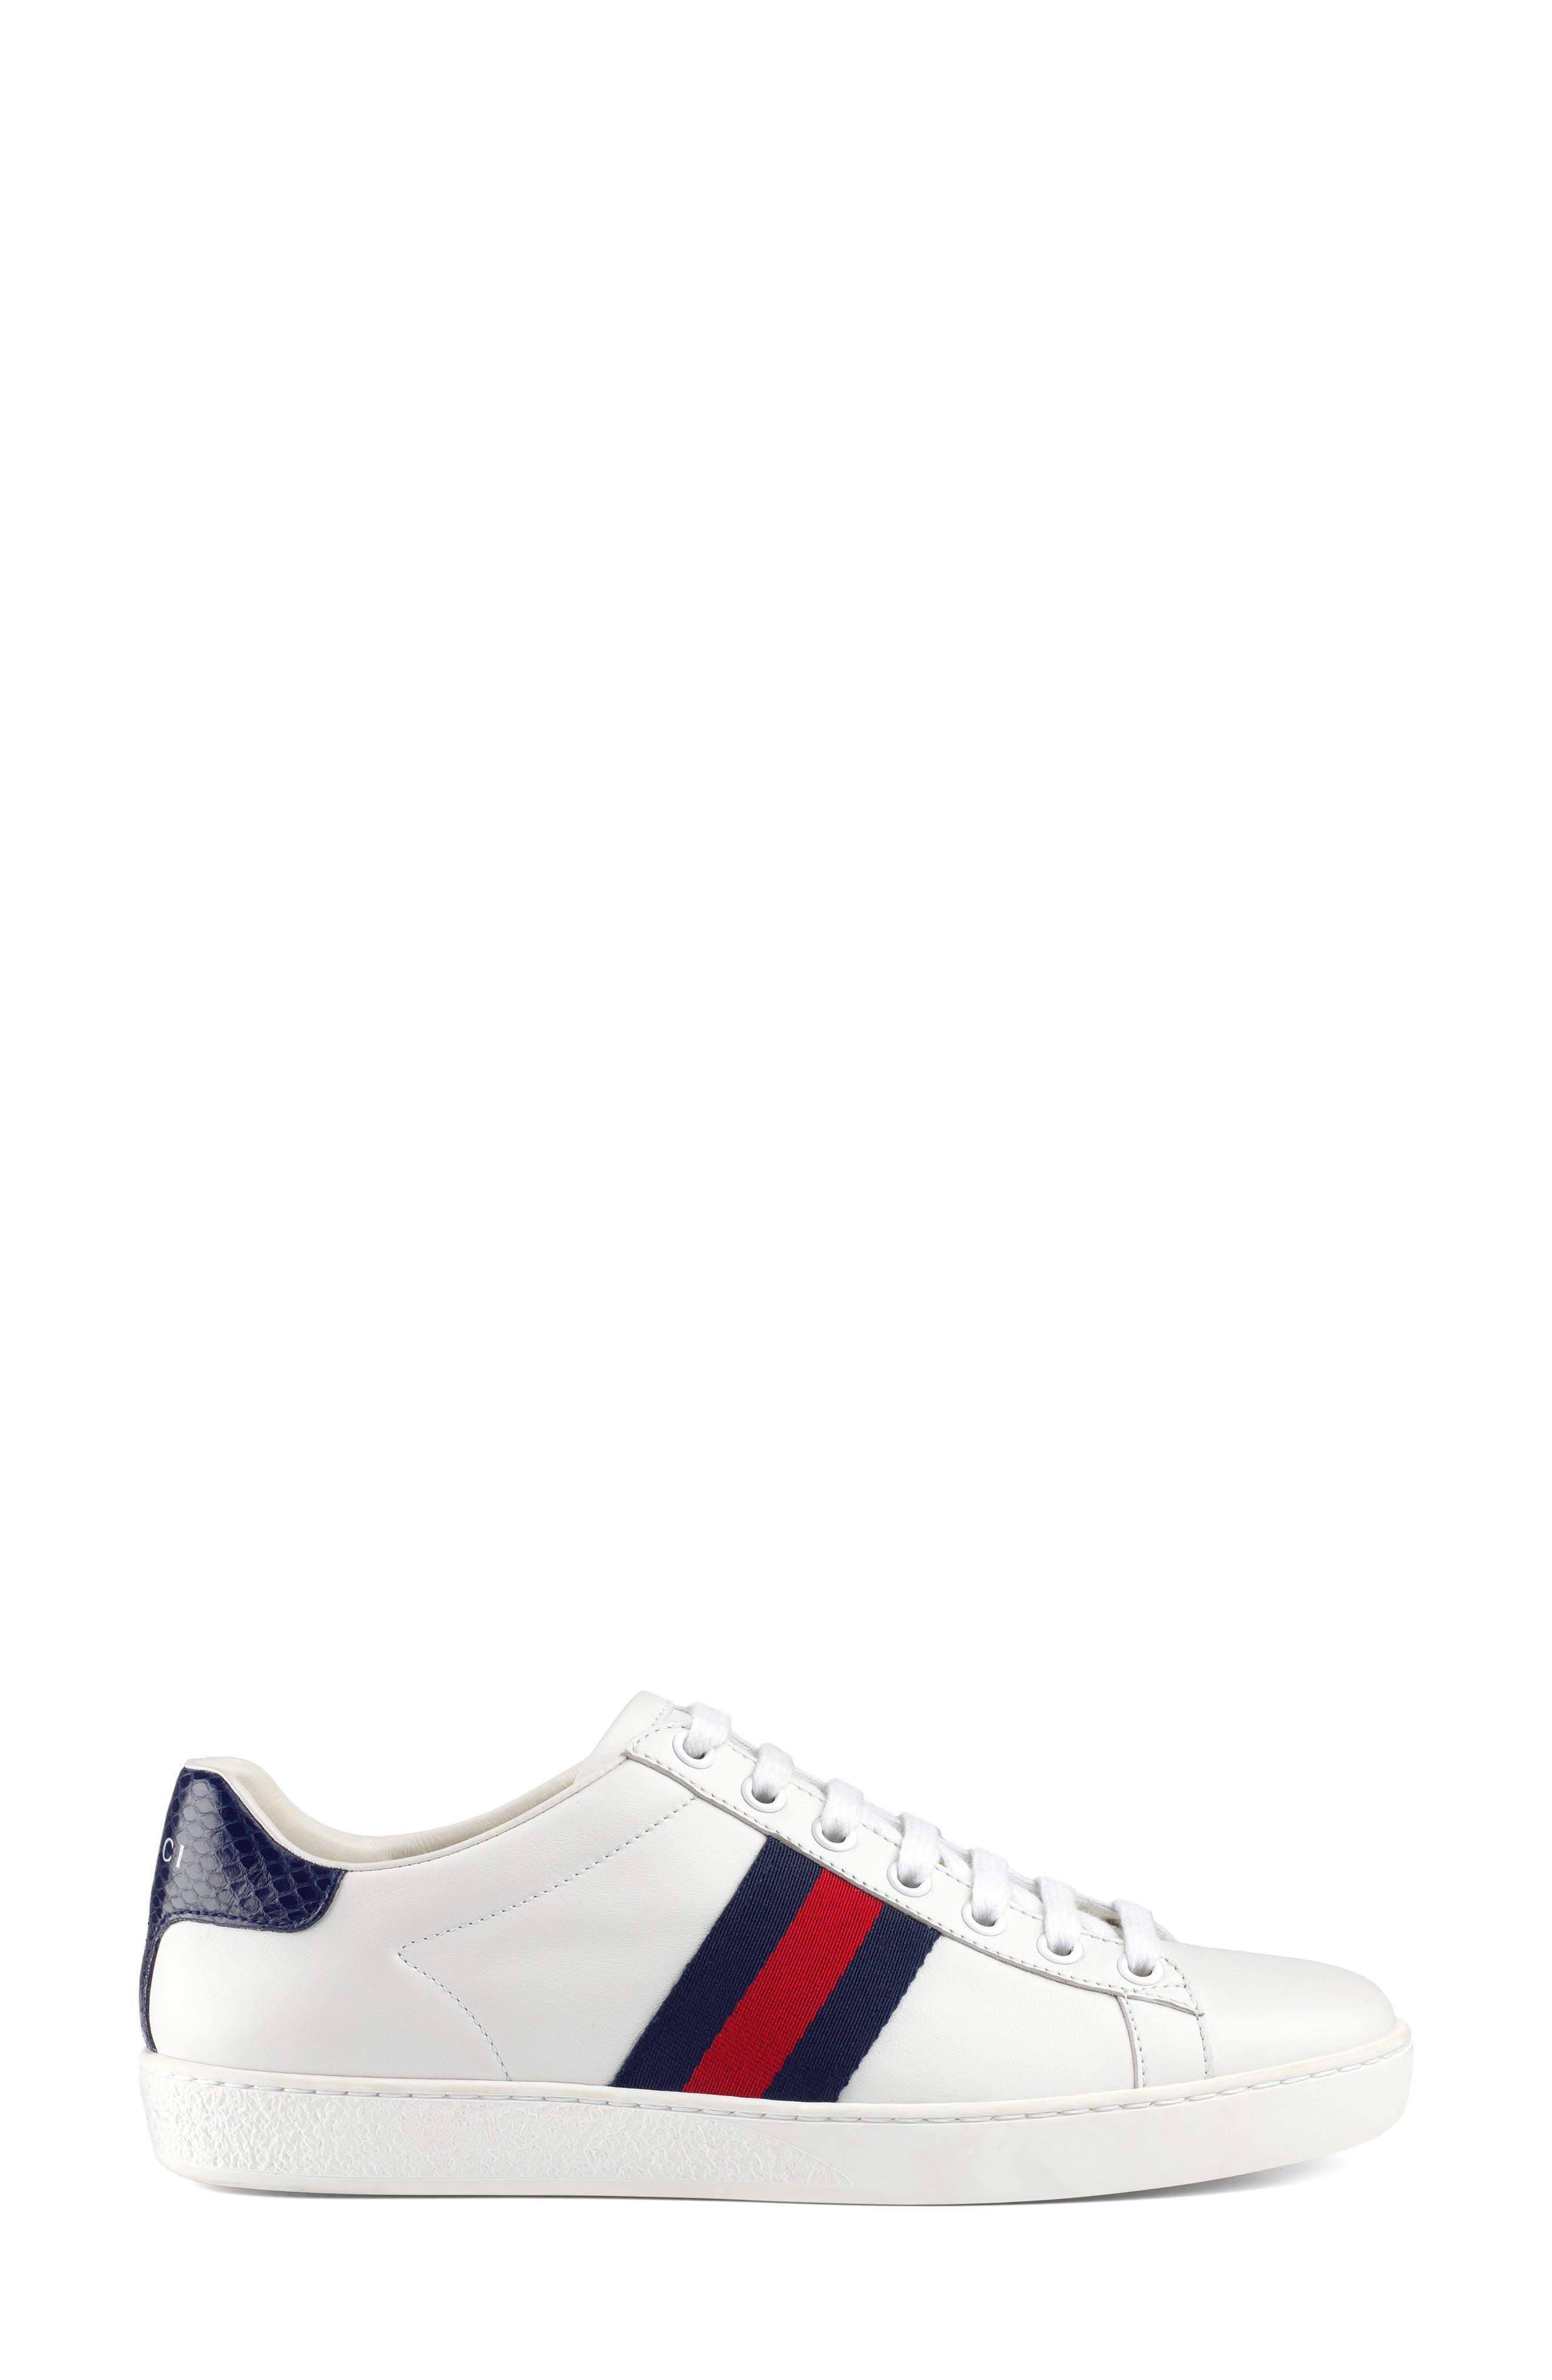 dcc11dfe87d Gucci Women s Shoes